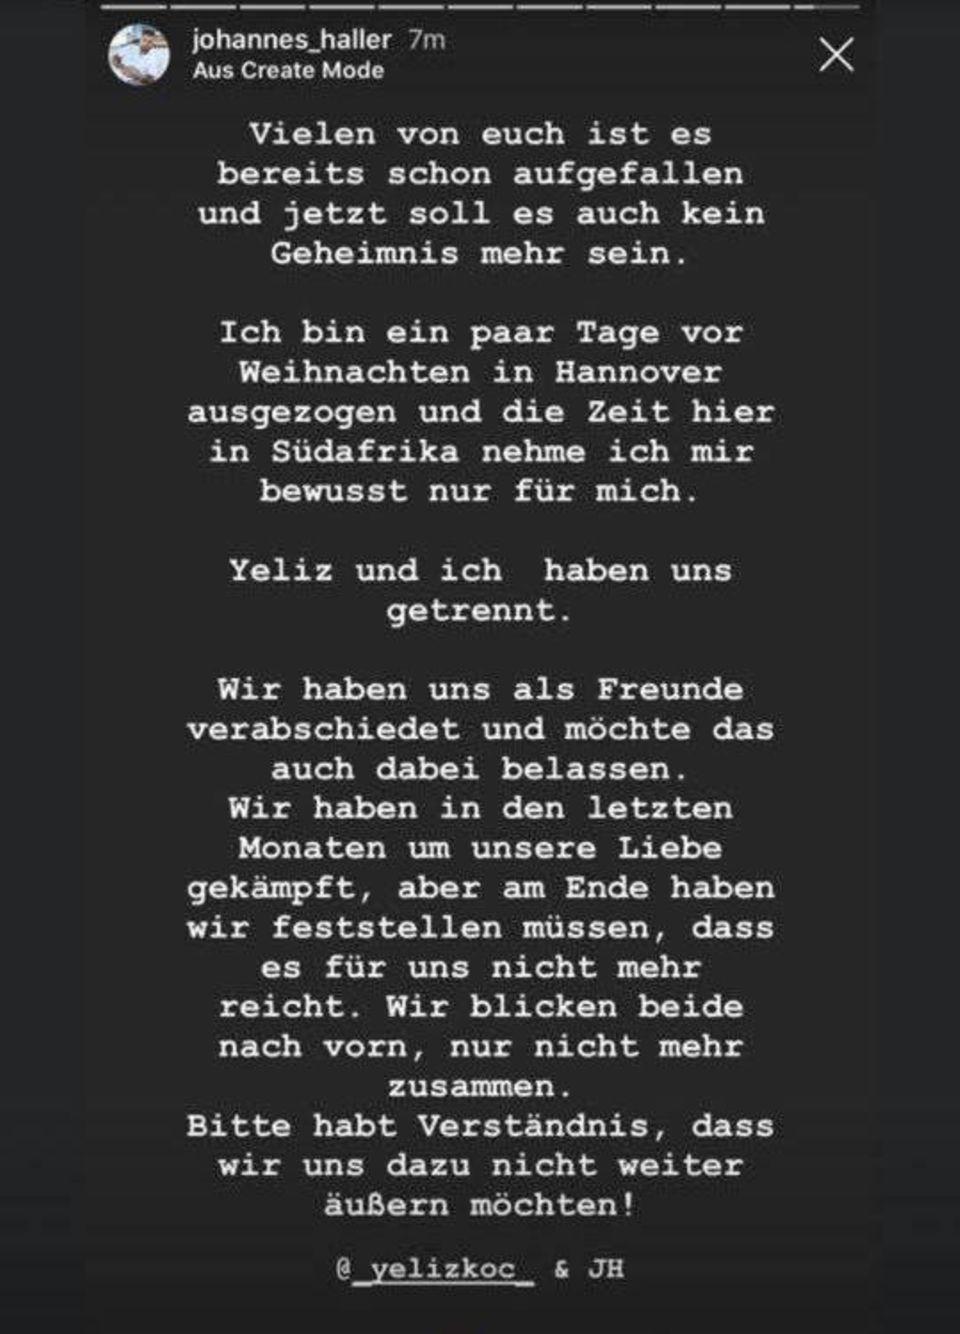 """Johannes Haller: """"Yeliz und ich haben uns getrennt"""""""